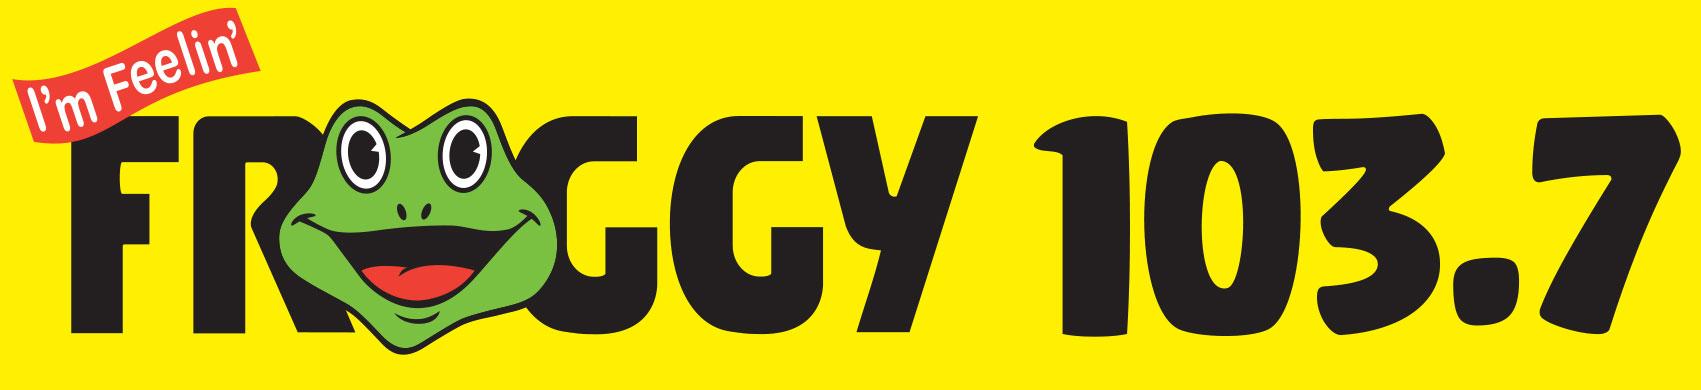 Froggy-103-Mast